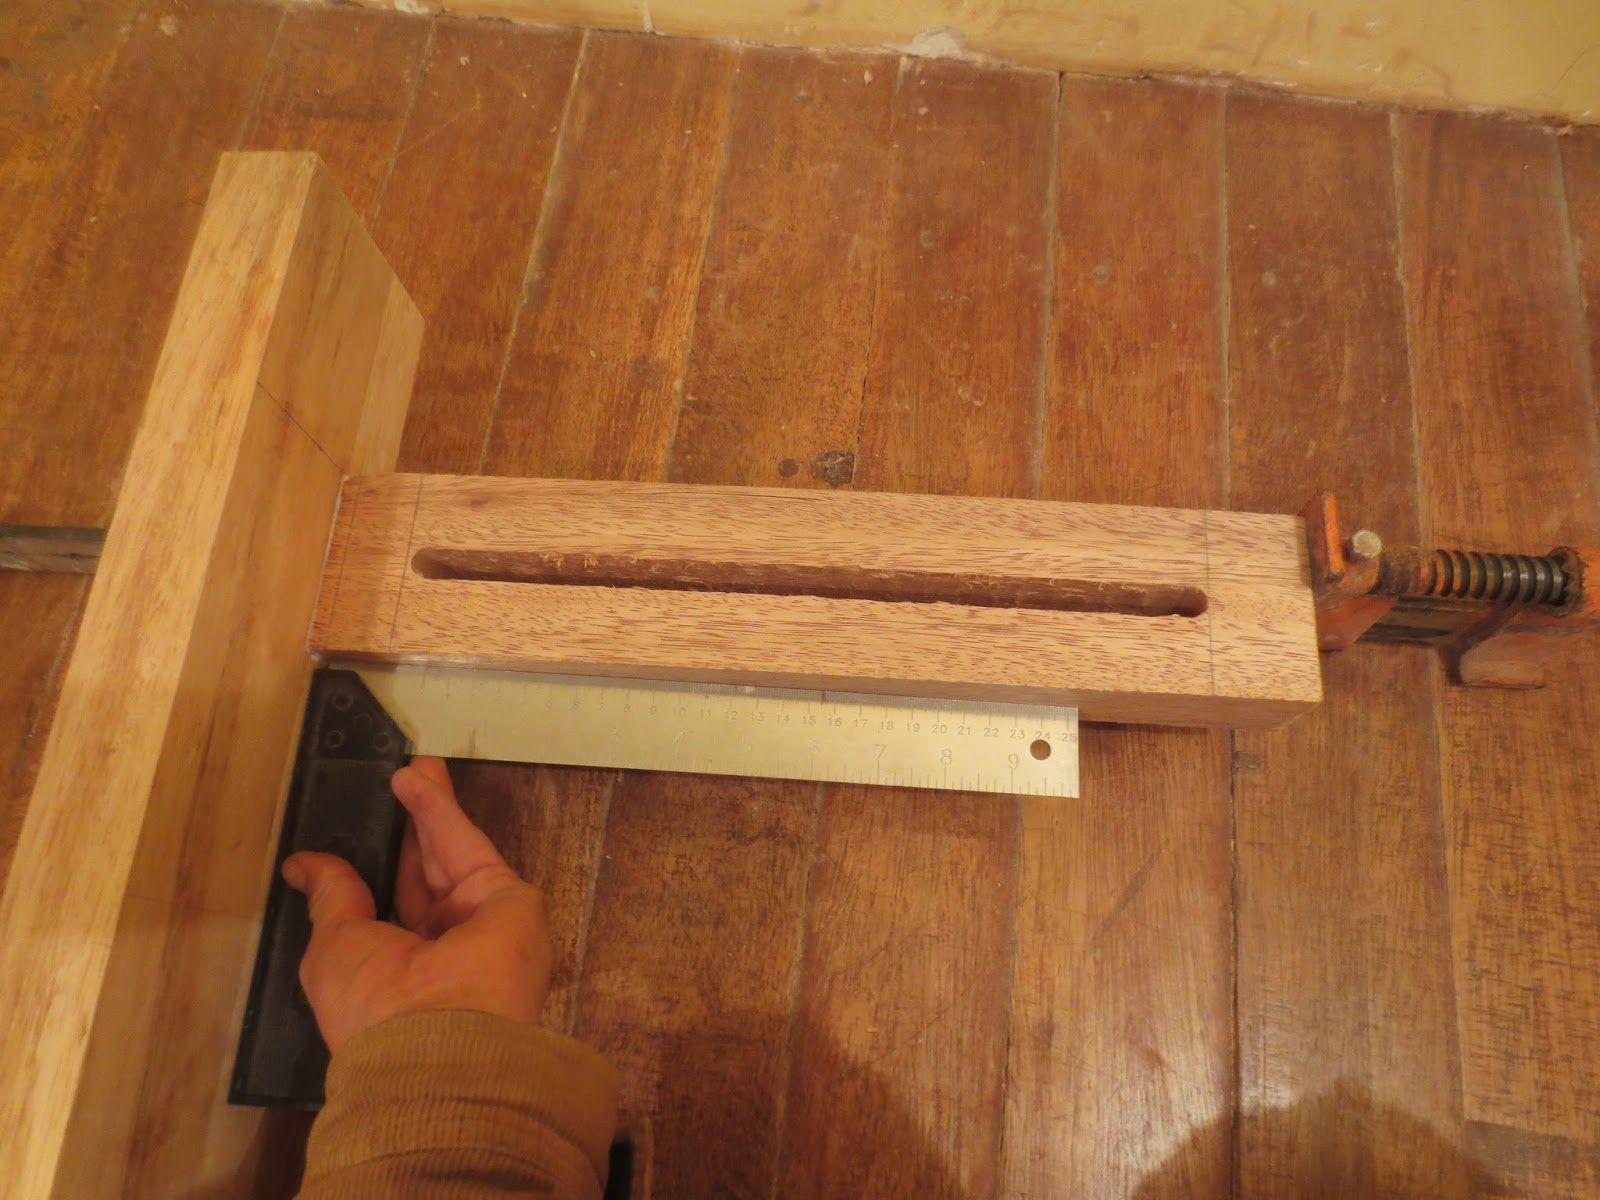 Como hacer una sierra circular de madera bienvenidos http - Sierra circular madera ...